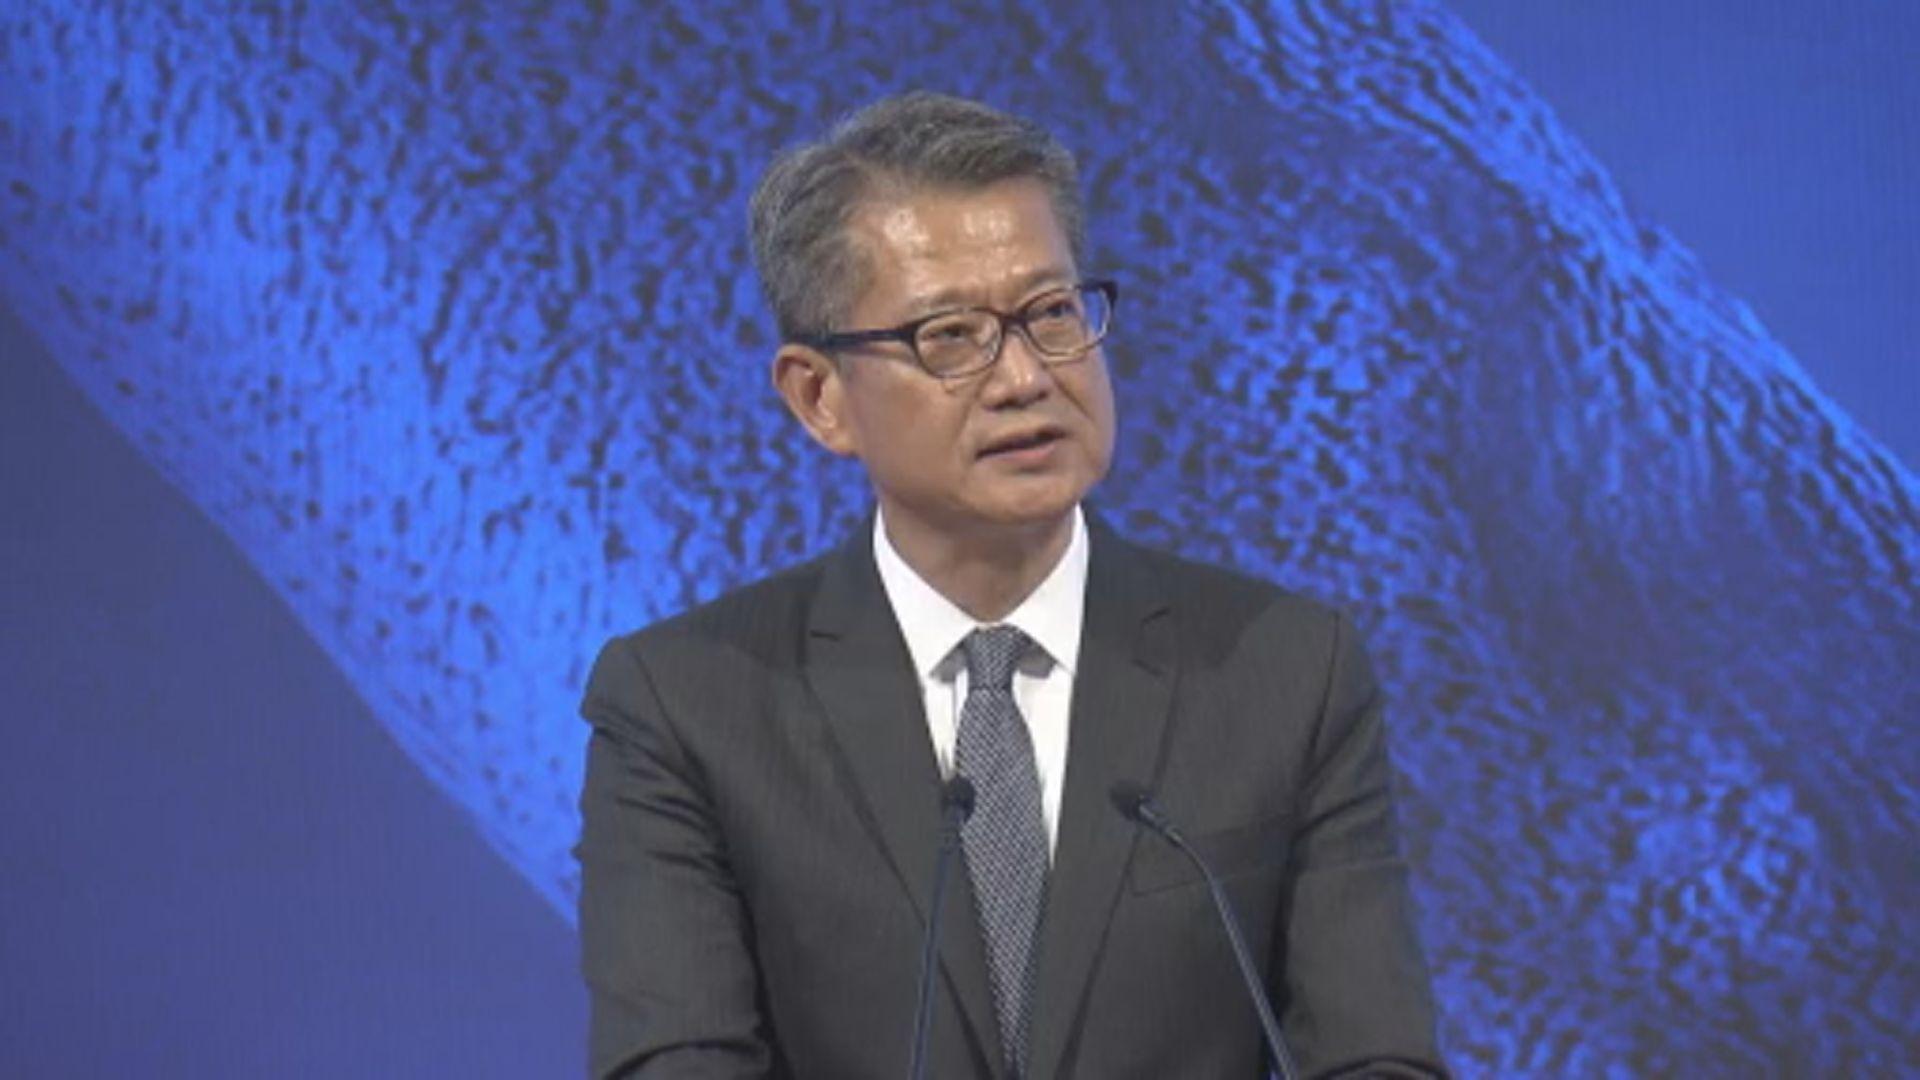 陳茂波:國安法防止社會動亂 有助維持營商投資環境